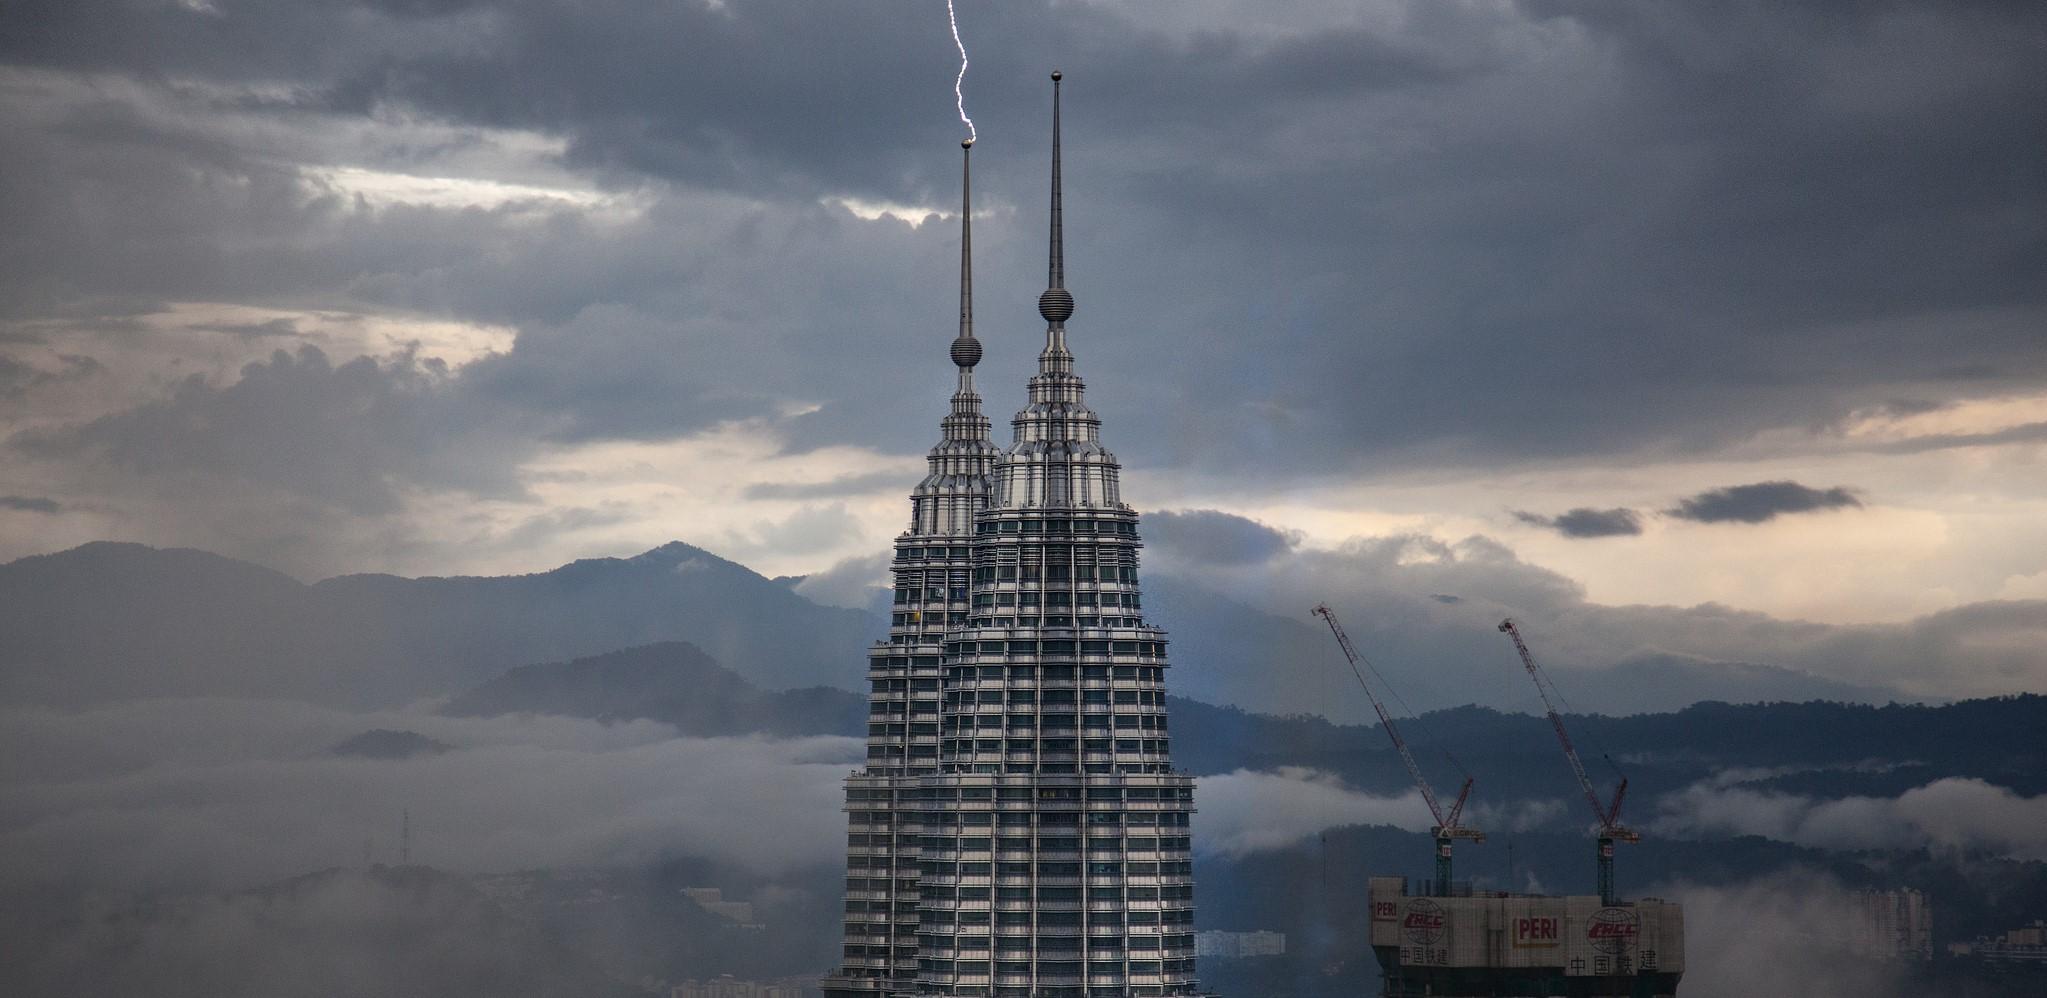 Lightning strikes the Petronas Towers, Kuala Lumpur, April 2017 (Photo: Flickr/Sitoo)